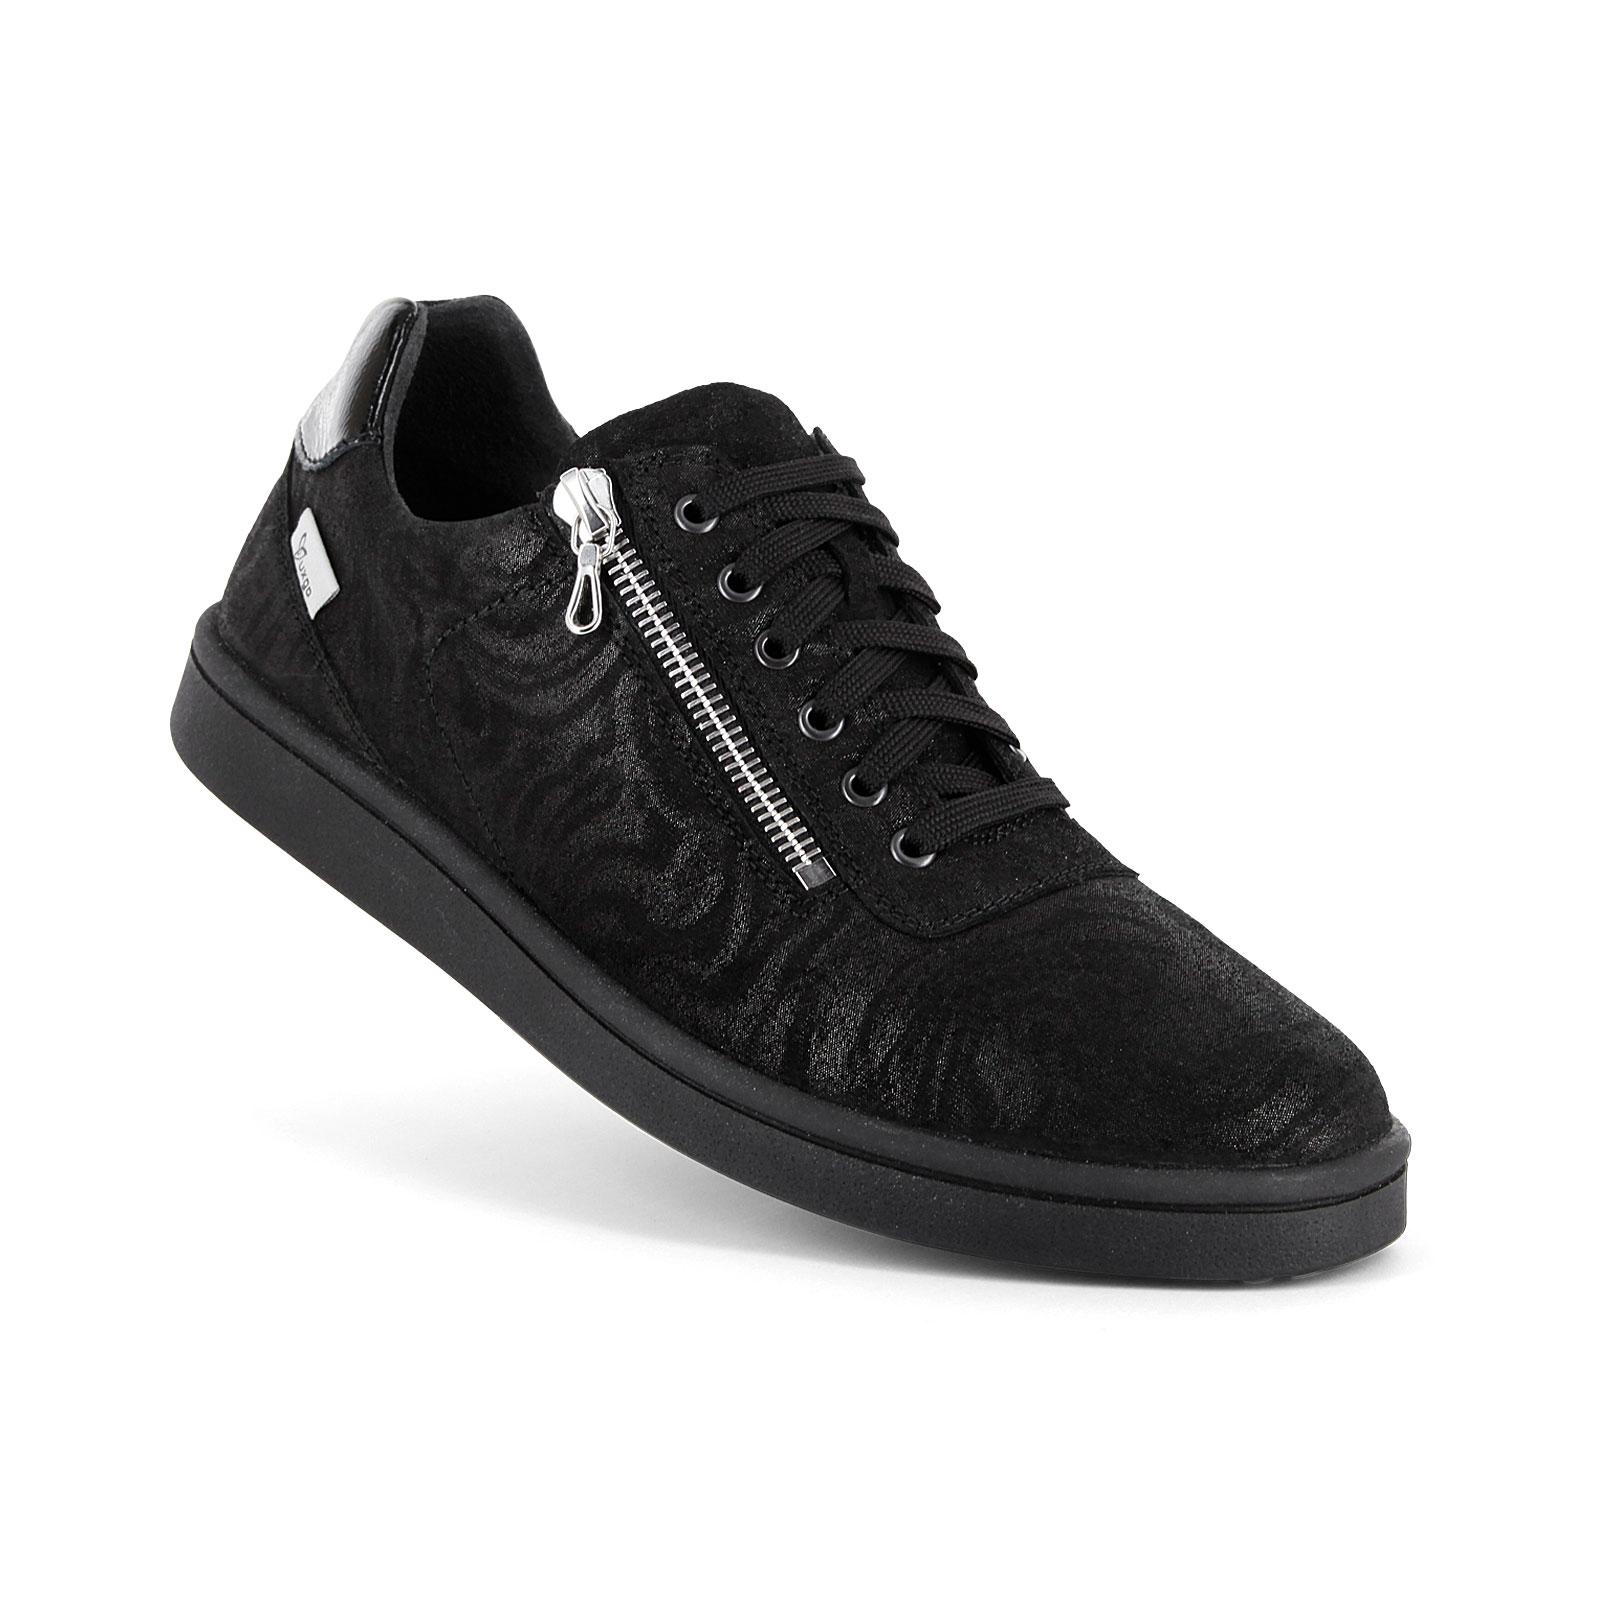 Hallux valgus, wir führen Schuhe für schmerzfreies Laufen